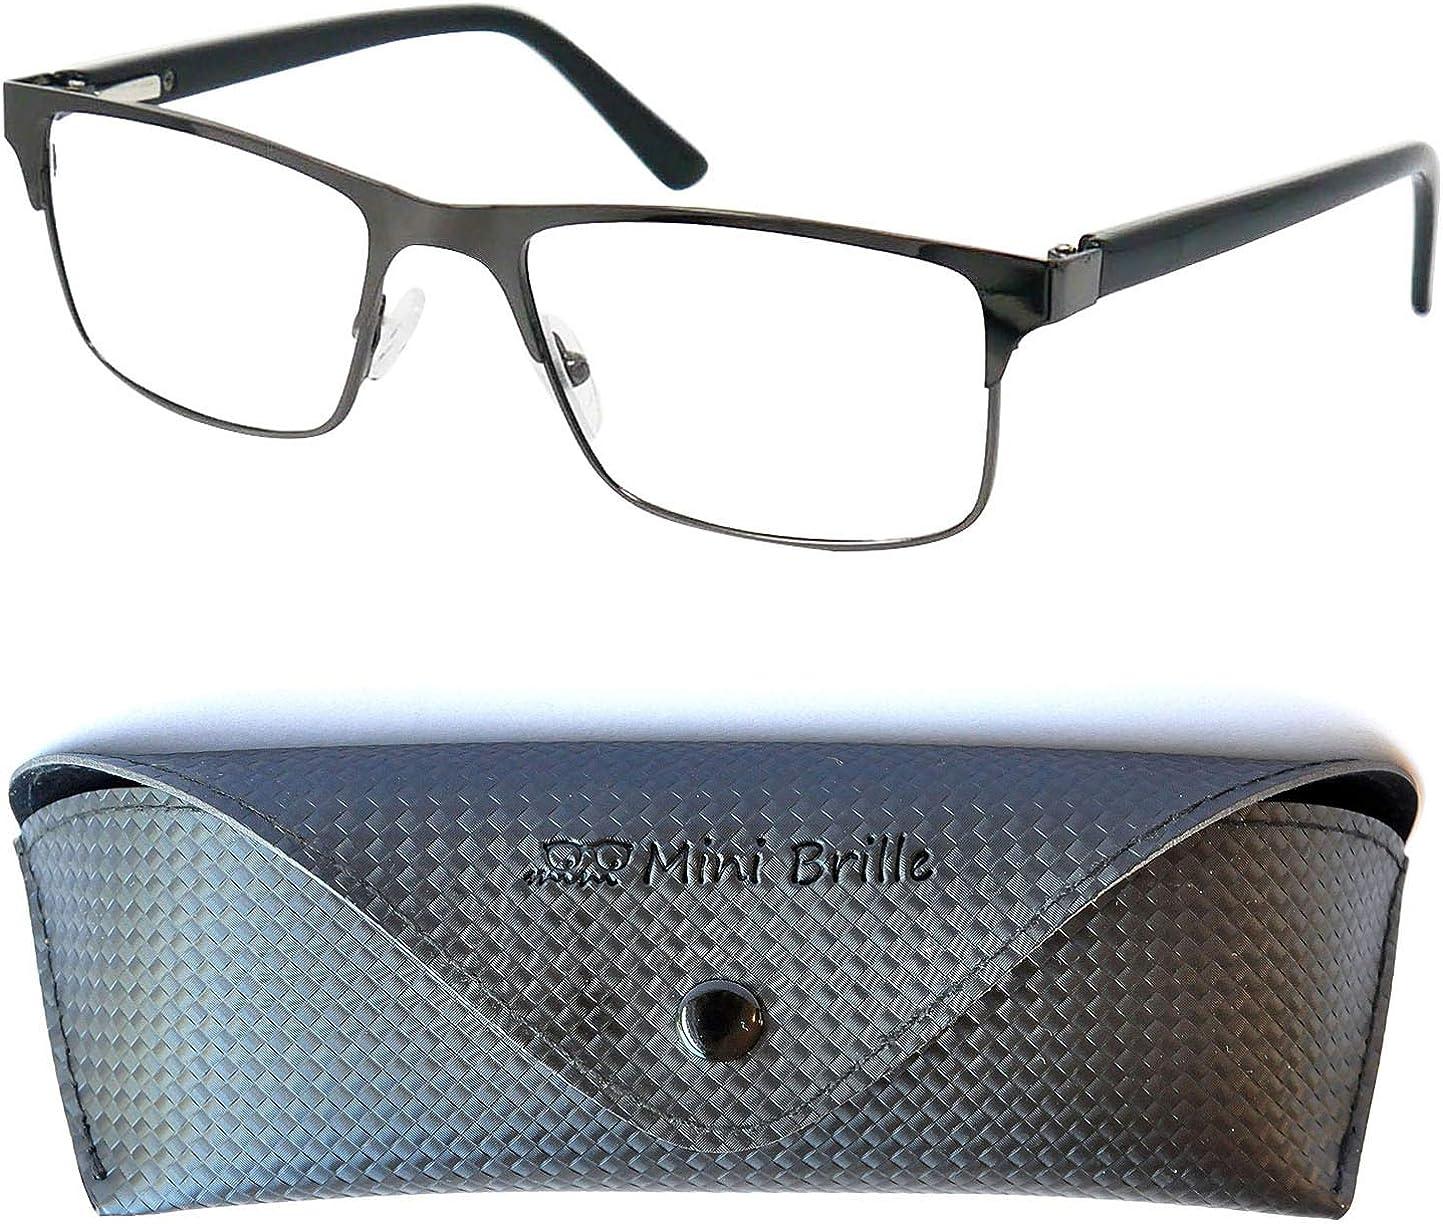 Mini Brille Elegantes Gafas con Filtro de Luz Azul Unisex para Leer con Lentes Rectangulares, Funda GRATIS, Montura Cuadradas de Acero Inoxidable, Para Hombre y Mujer